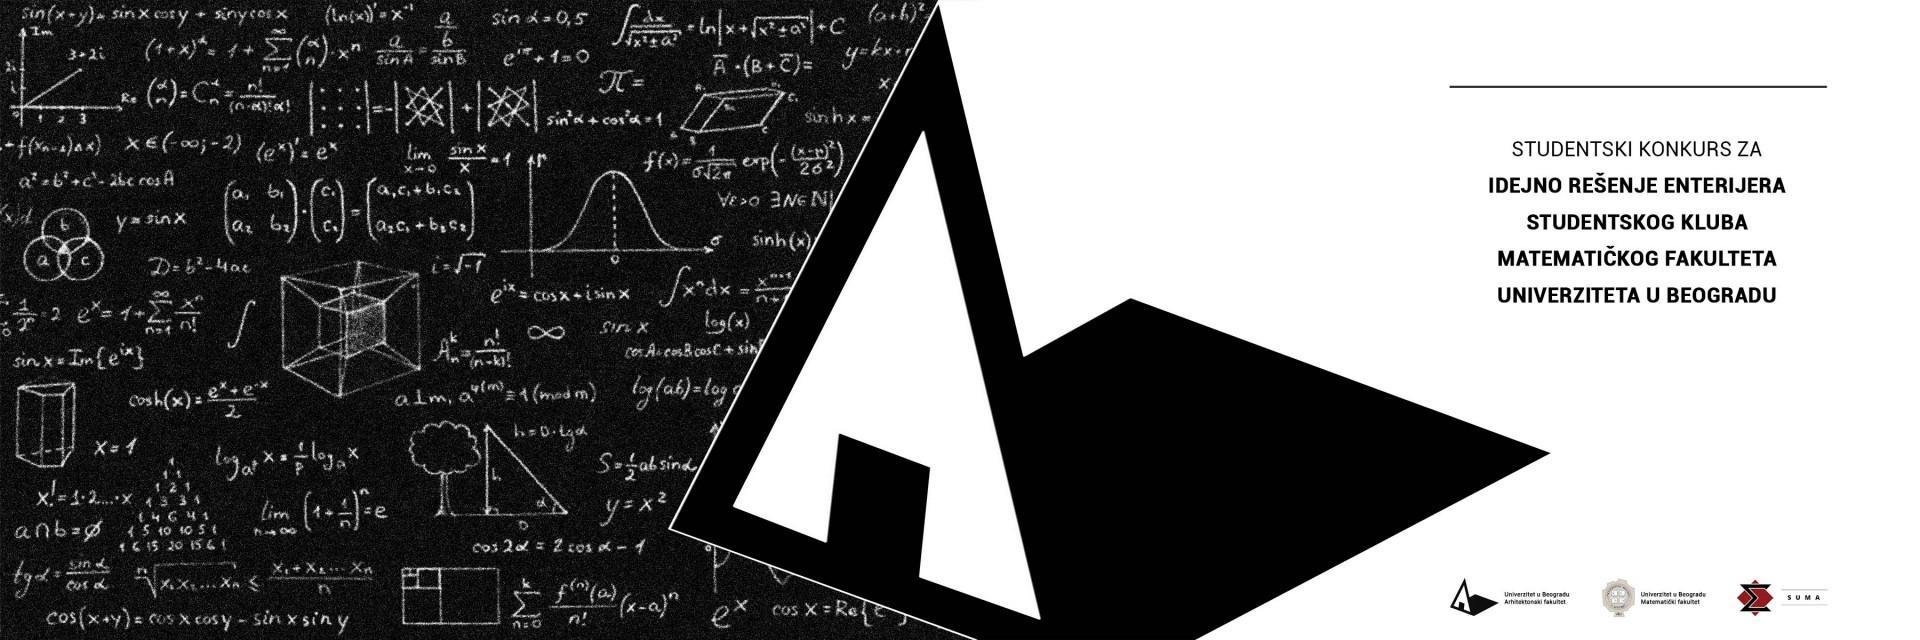 STUDENTSKI KONKURS ZA IDEJNO REŠENJE ENTERIJERA STUDENTSKOG KLUBA MATEMATIČKOG FAKULTETA UNIVERZITETA U BEOGRADU